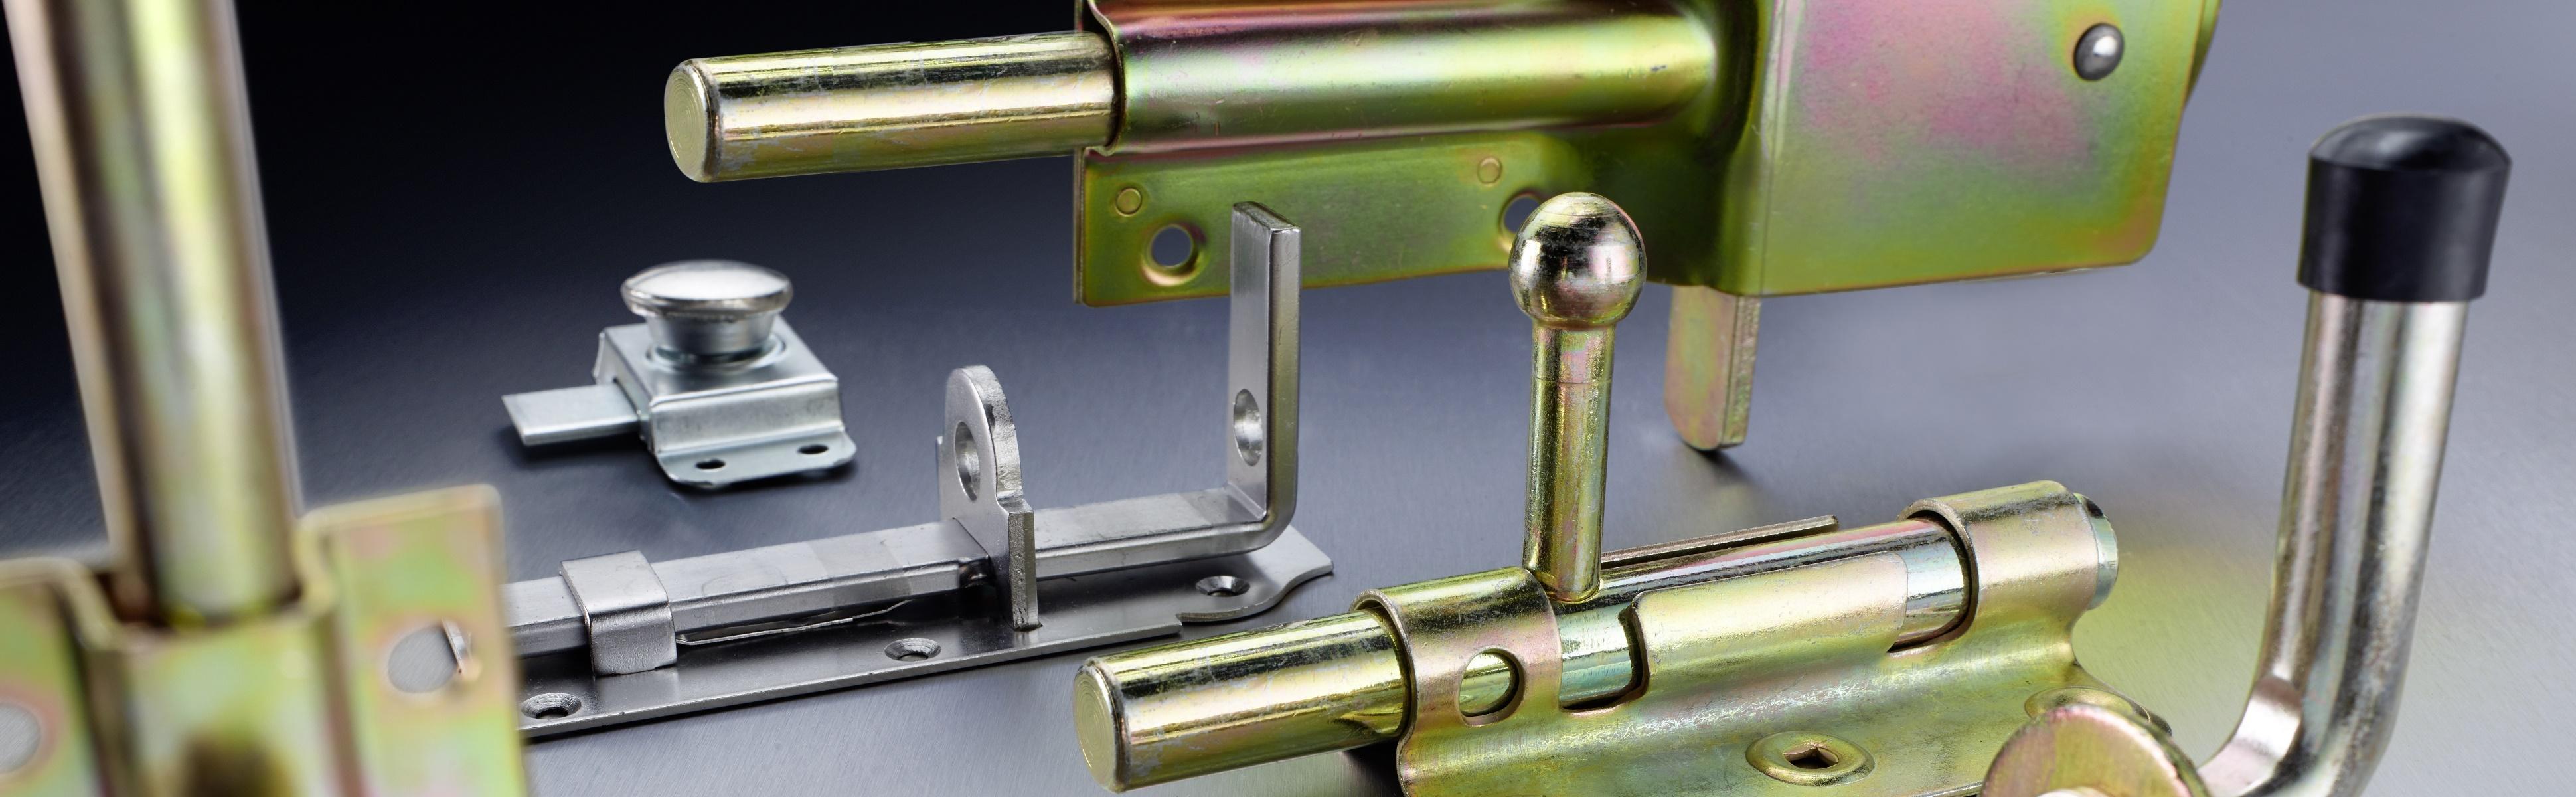 Schneideisen M7 metrisches Regelgewinde EU Profi Qualität HSSE ISO Norm